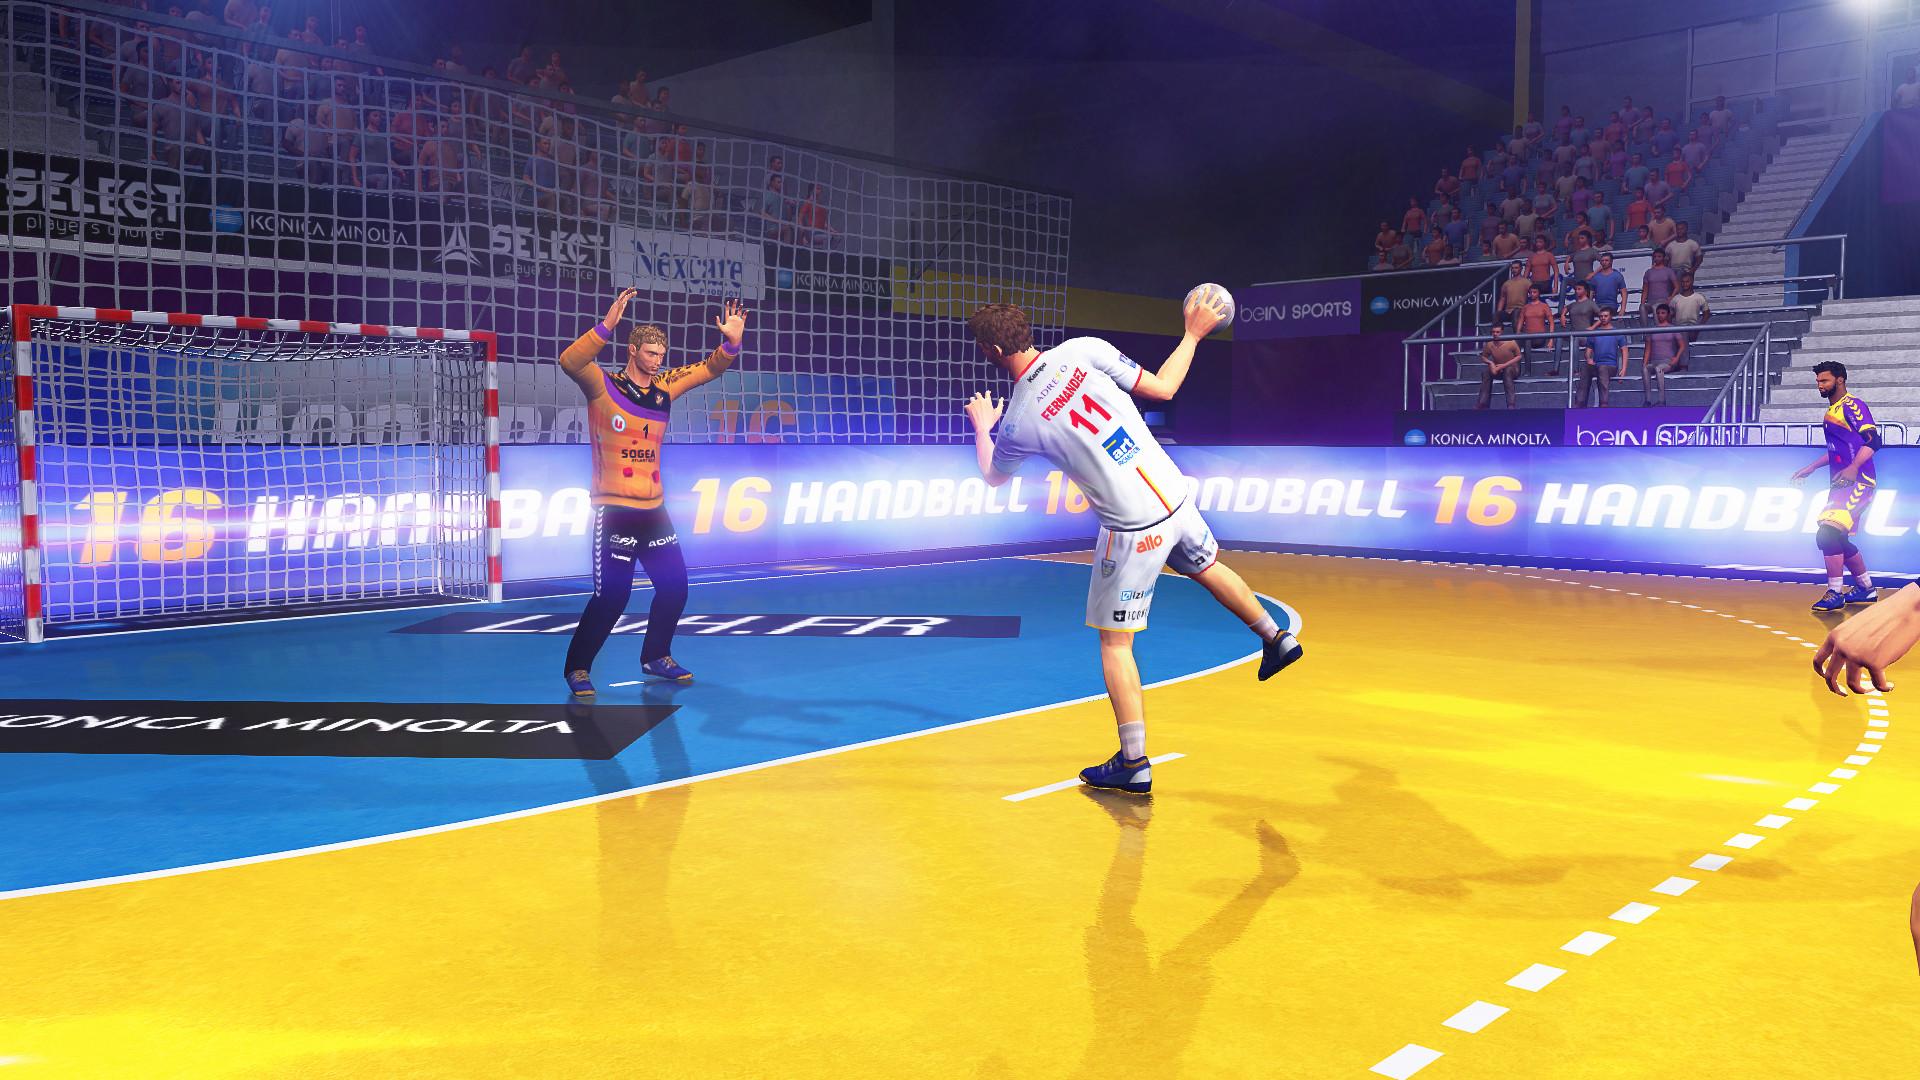 Handball 16 image 3